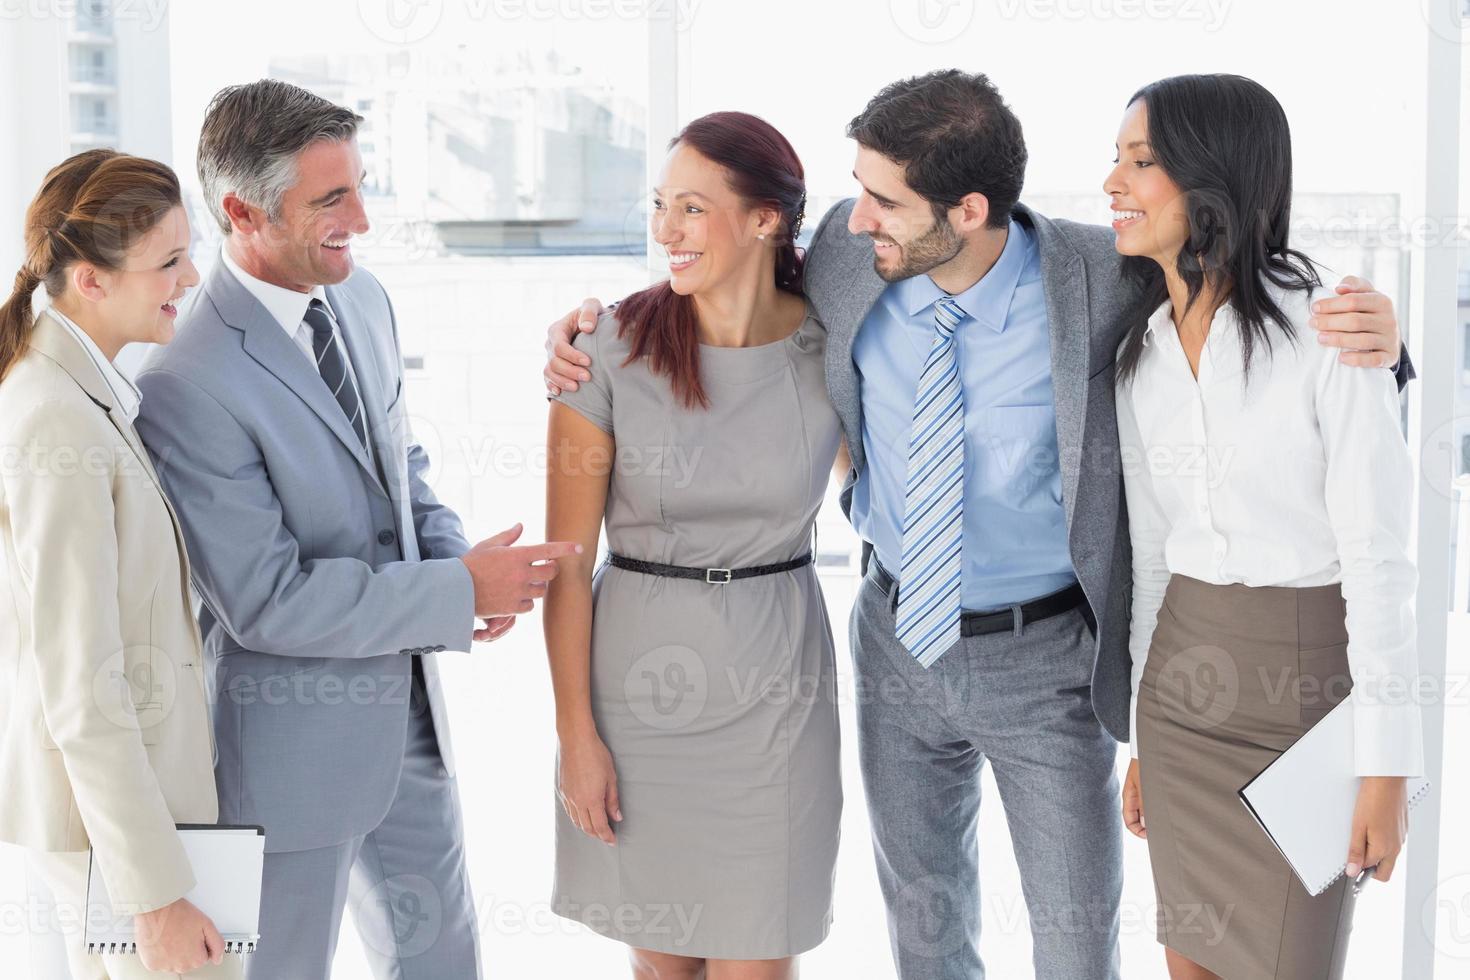 equipe de negócios conversando e sorrindo foto